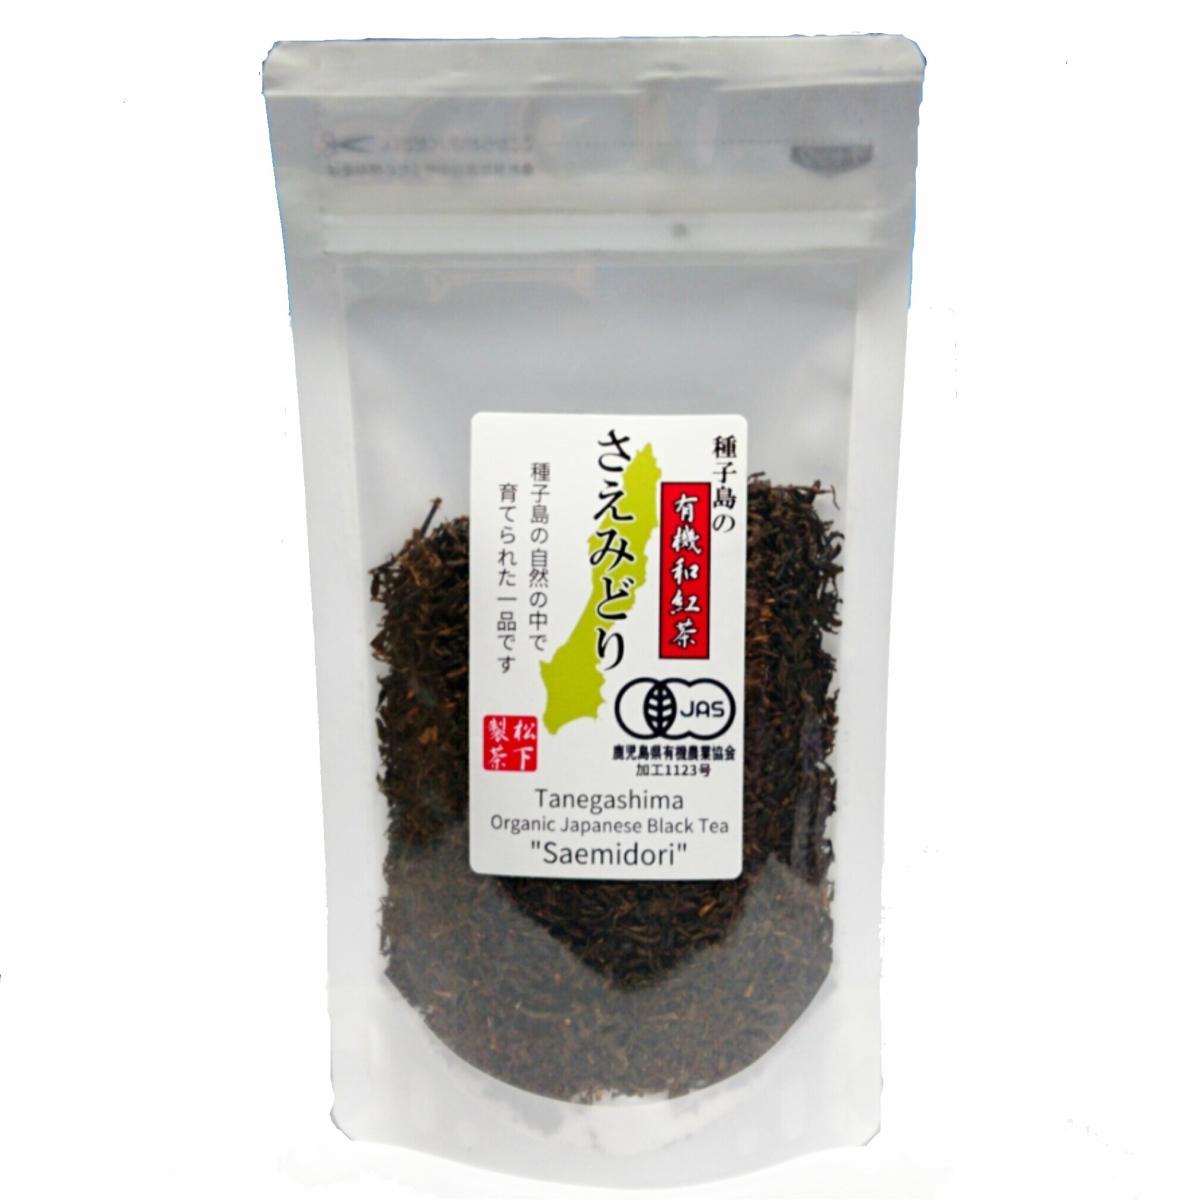 種子島の有機和紅茶『さえみどり』 茶葉(リーフ) 60g 松下製茶